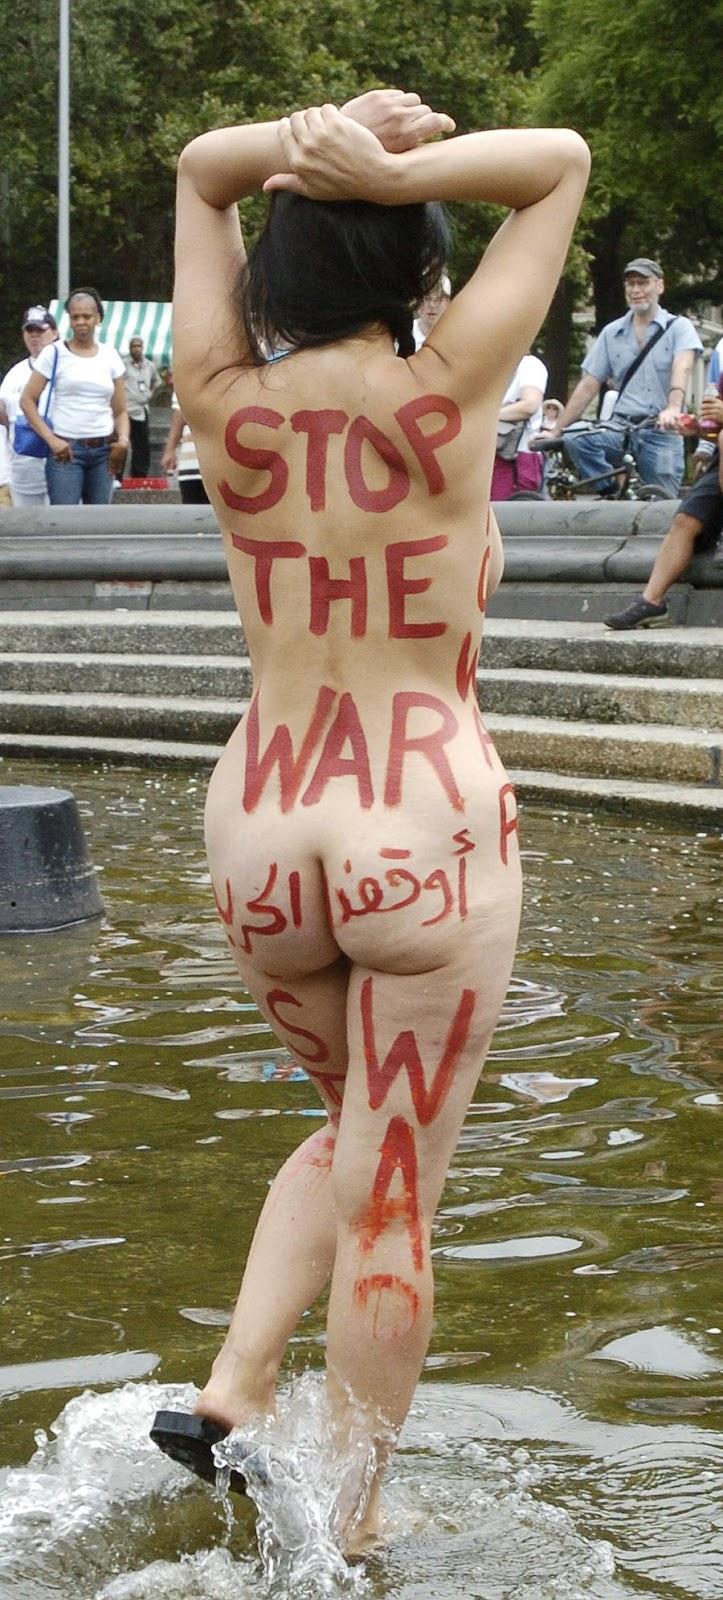 Hala faisal nude 'Stop the War'